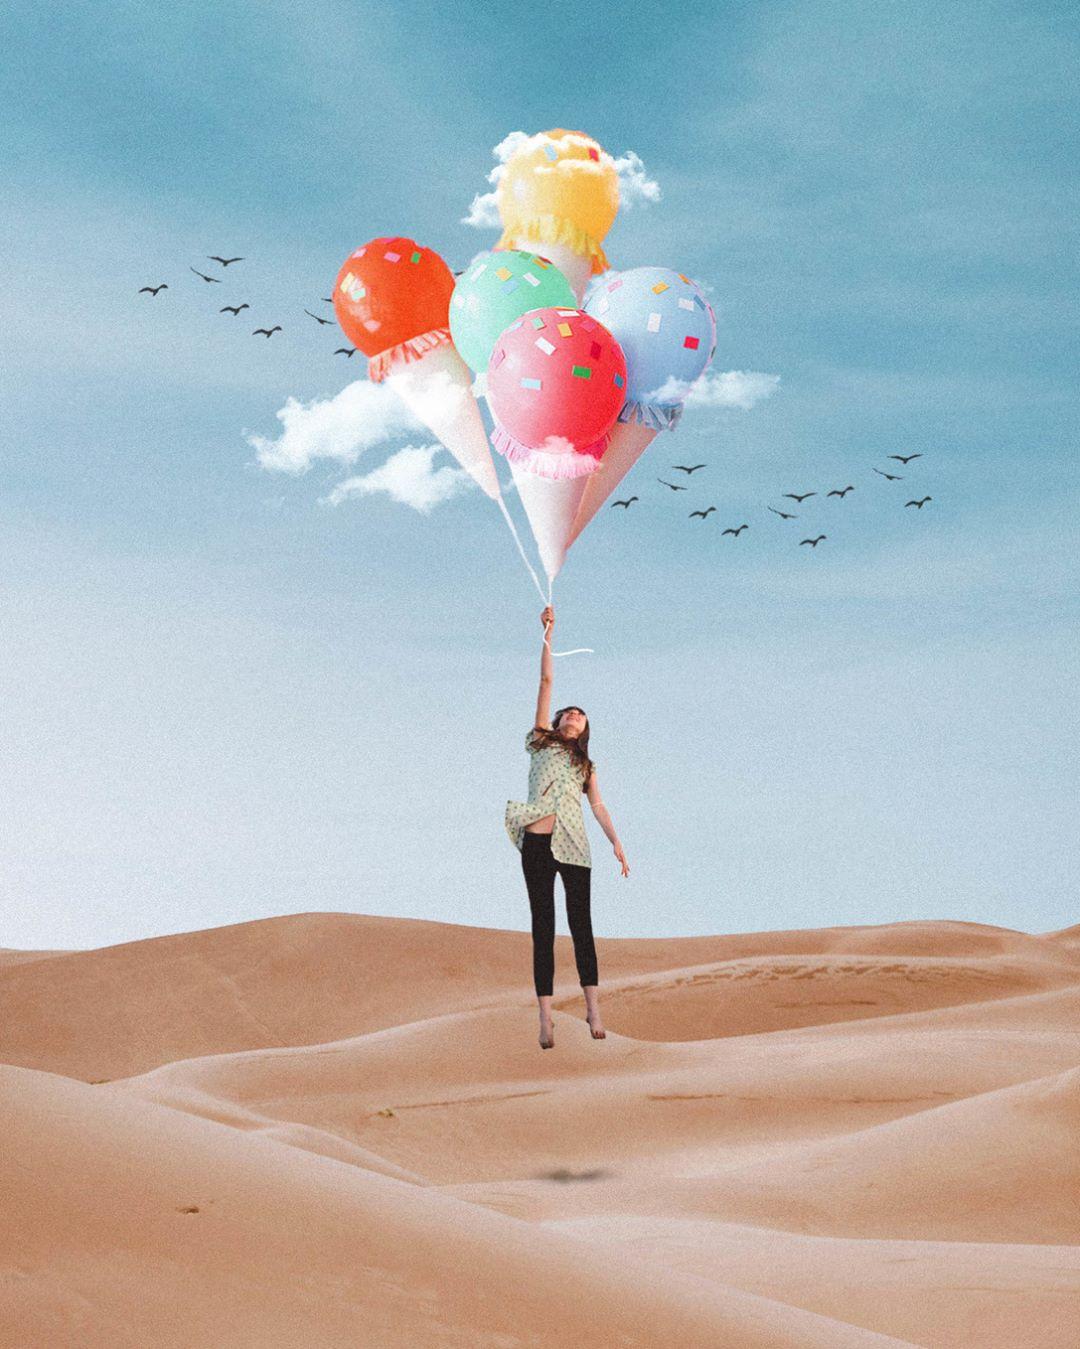 Фантастические фотоманипуляции от Ризала Авиба